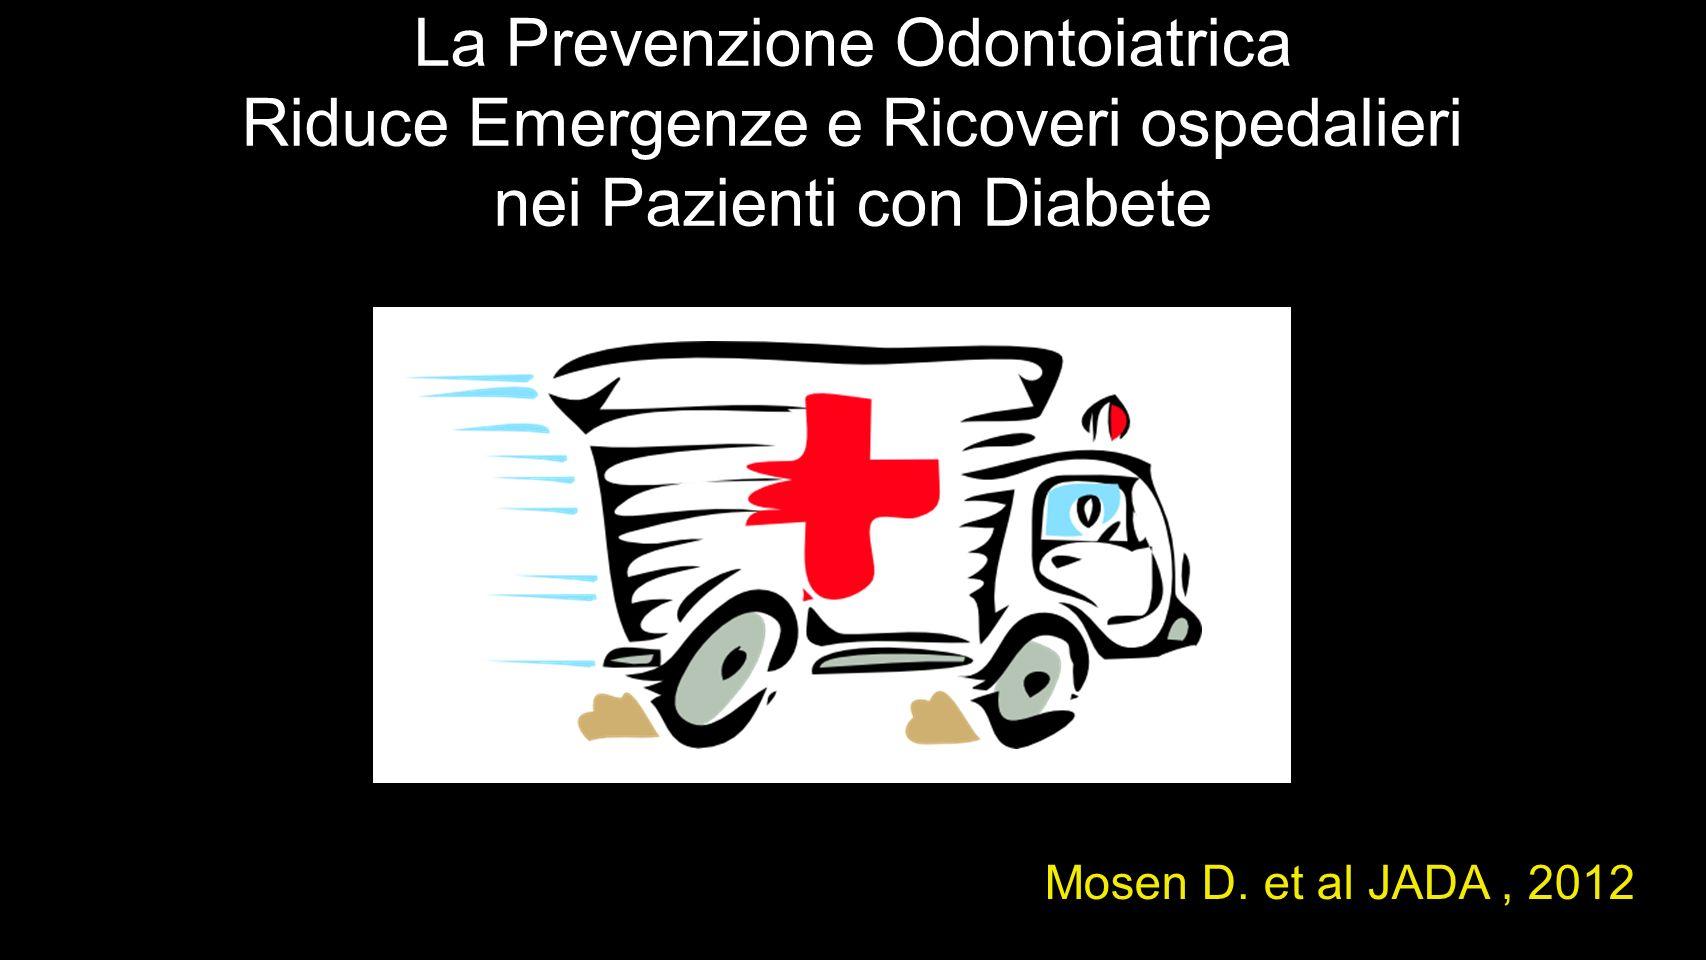 La Prevenzione Odontoiatrica Riduce Emergenze e Ricoveri ospedalieri nei Pazienti con Diabete Mosen D.